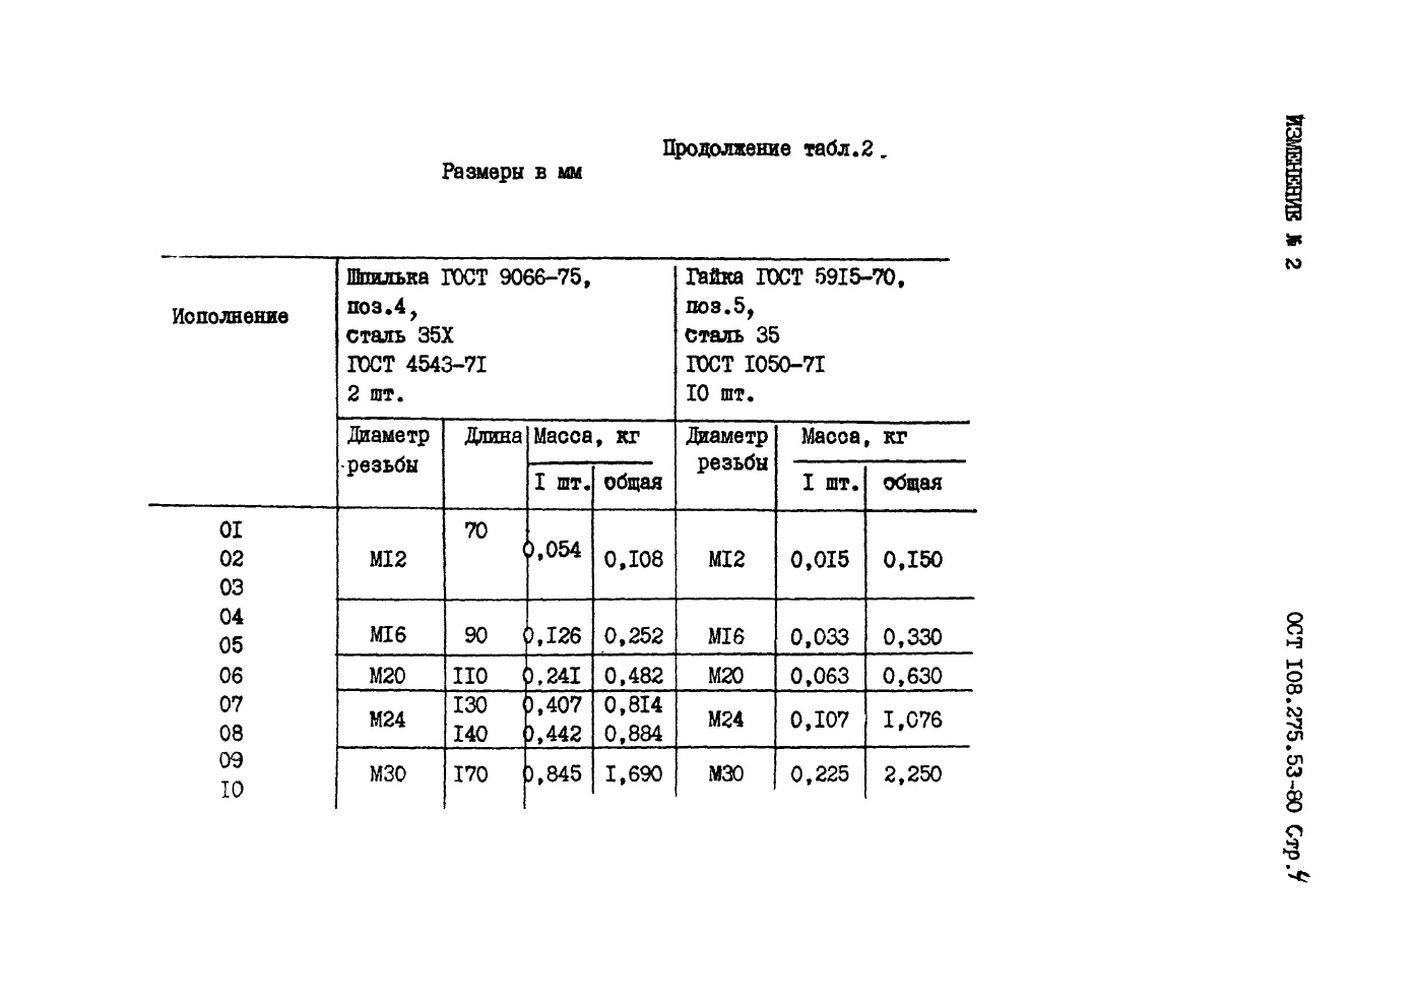 Блоки хомутовые для подвесок горизонтальных трубопроводов ОСТ 108.275.53-80 стр.9